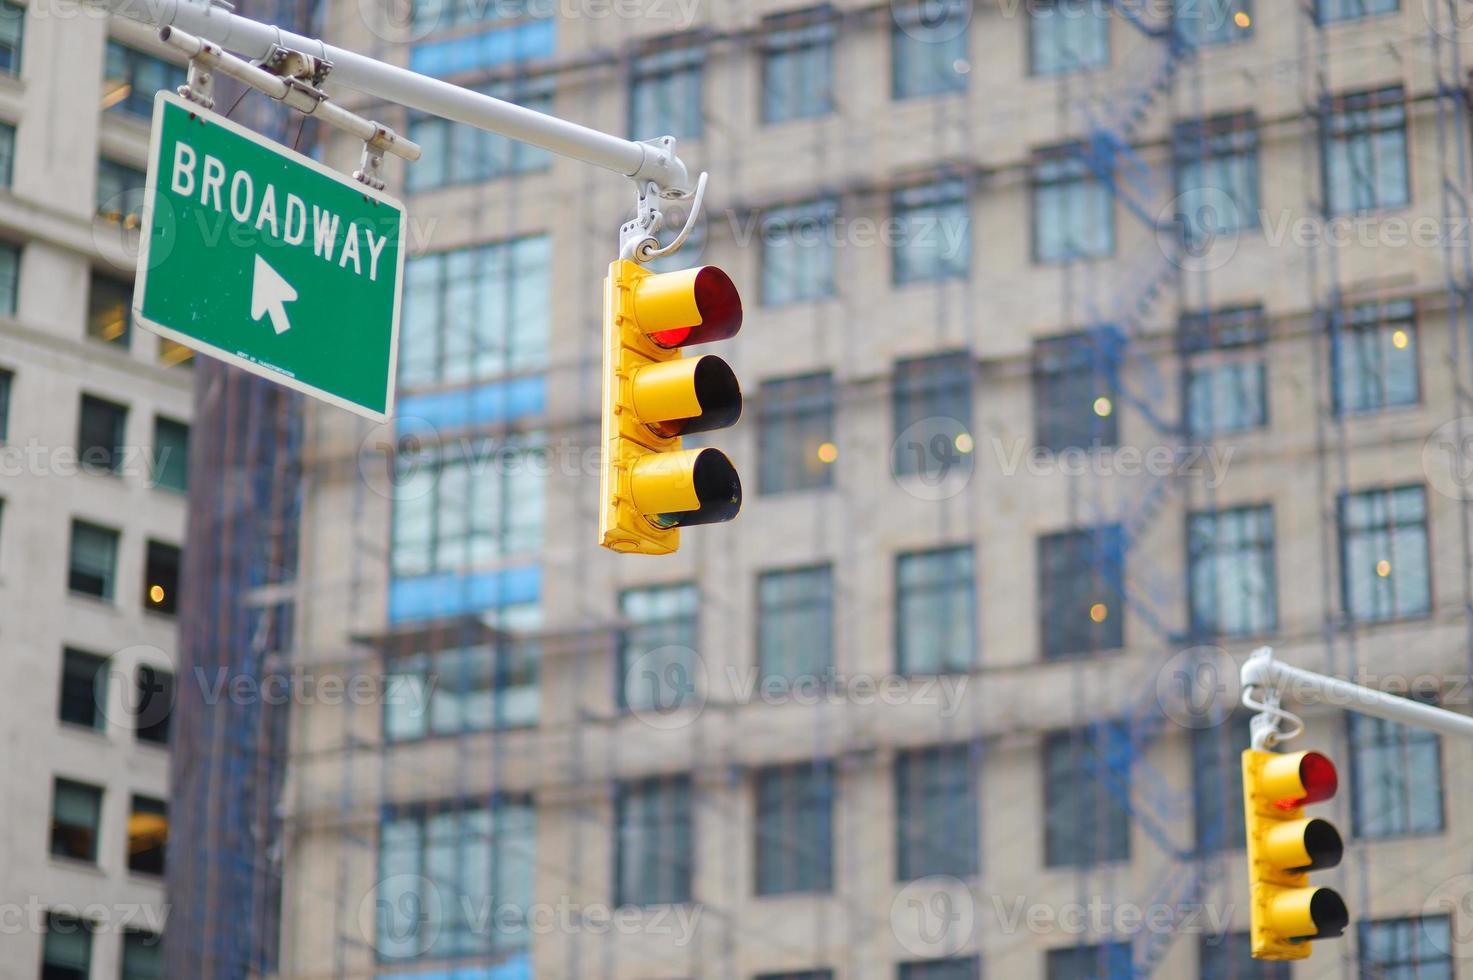 verkeerslichten in New York City foto